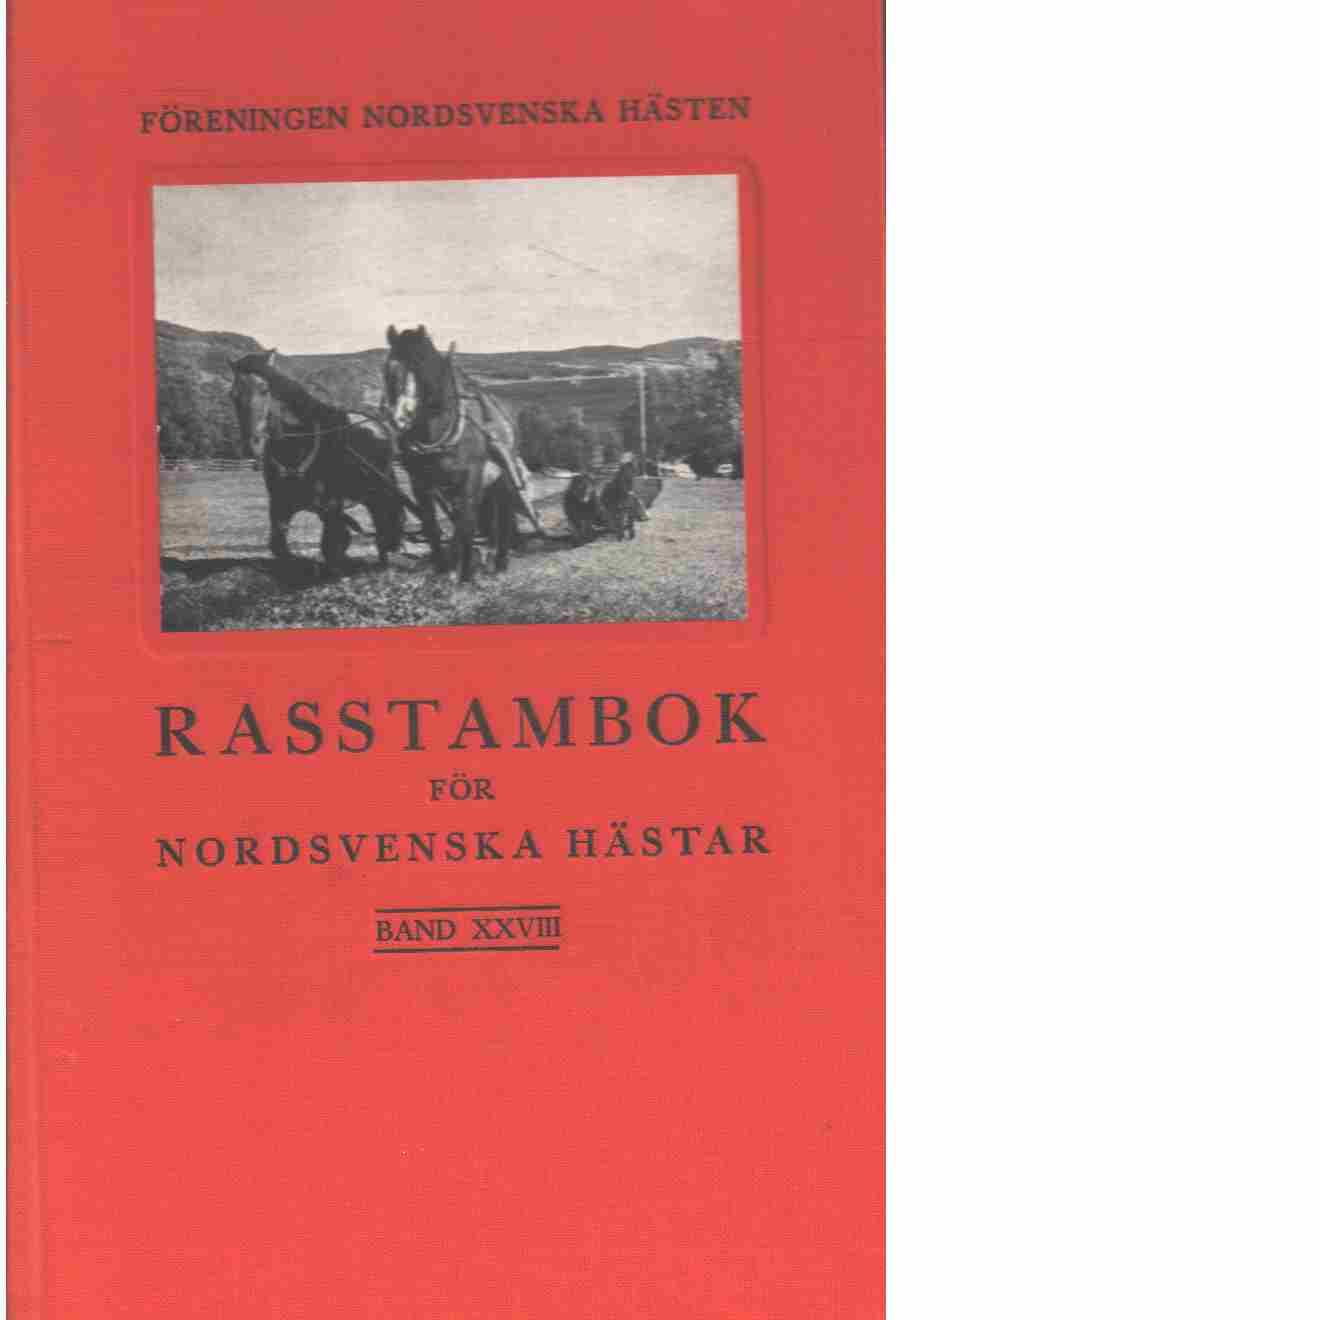 Rasstambok för nordsvenska hästar.  Band XXVIII - Red. Föreningen Nordsvenska hästen